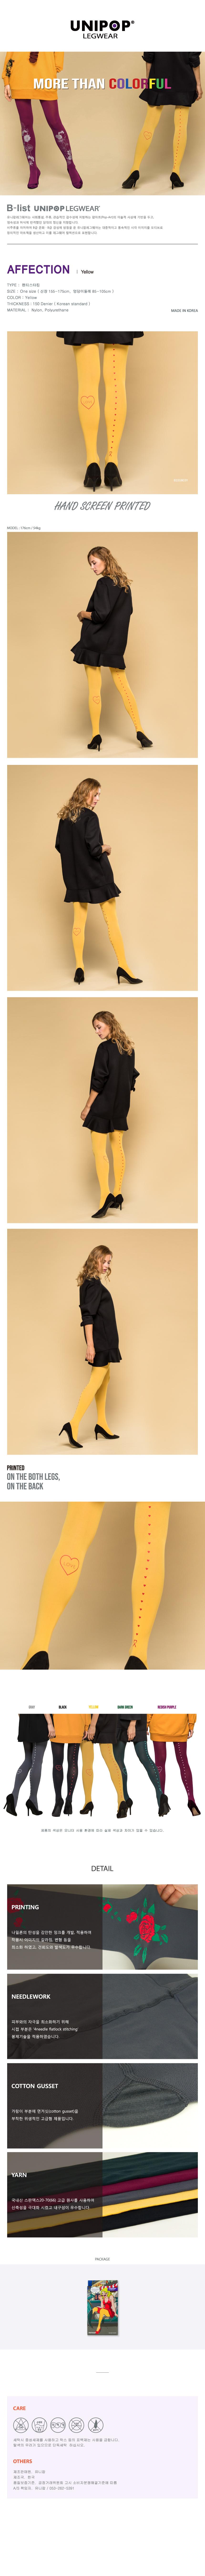 유니팝 레그웨어(UNIPOP LEGWEAR) AFFECTION - yellow